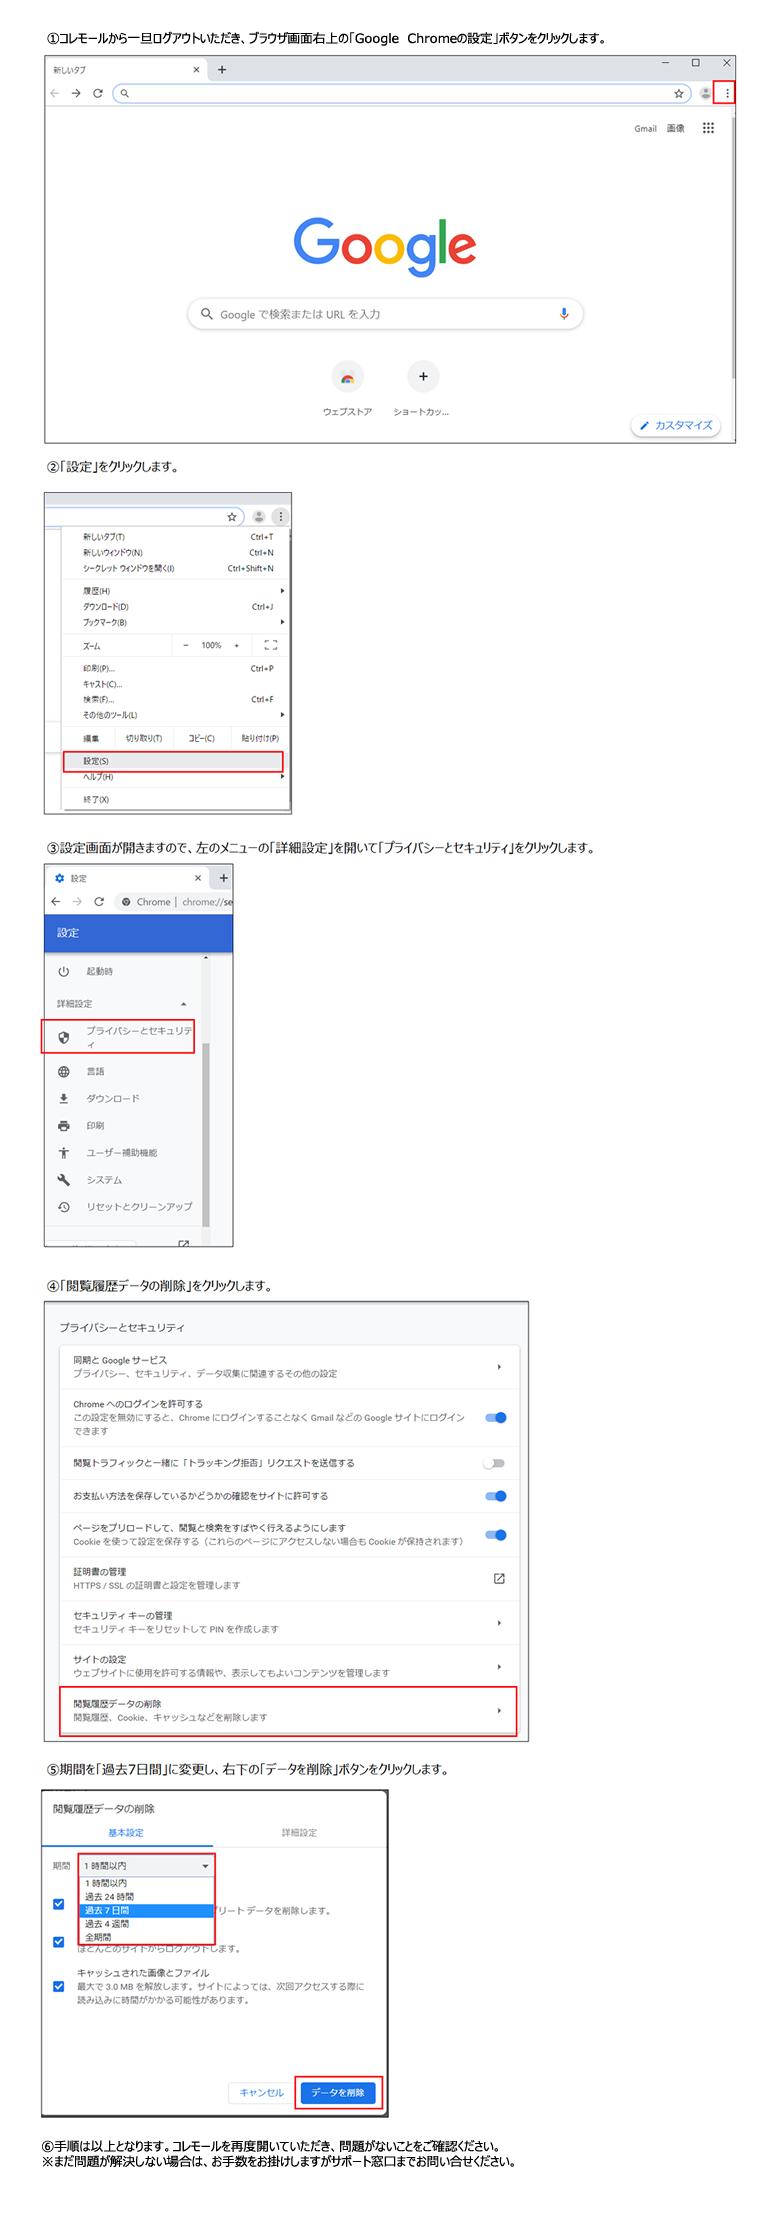 システム停止後もコレモールが開かない場合の対応方法Chrome